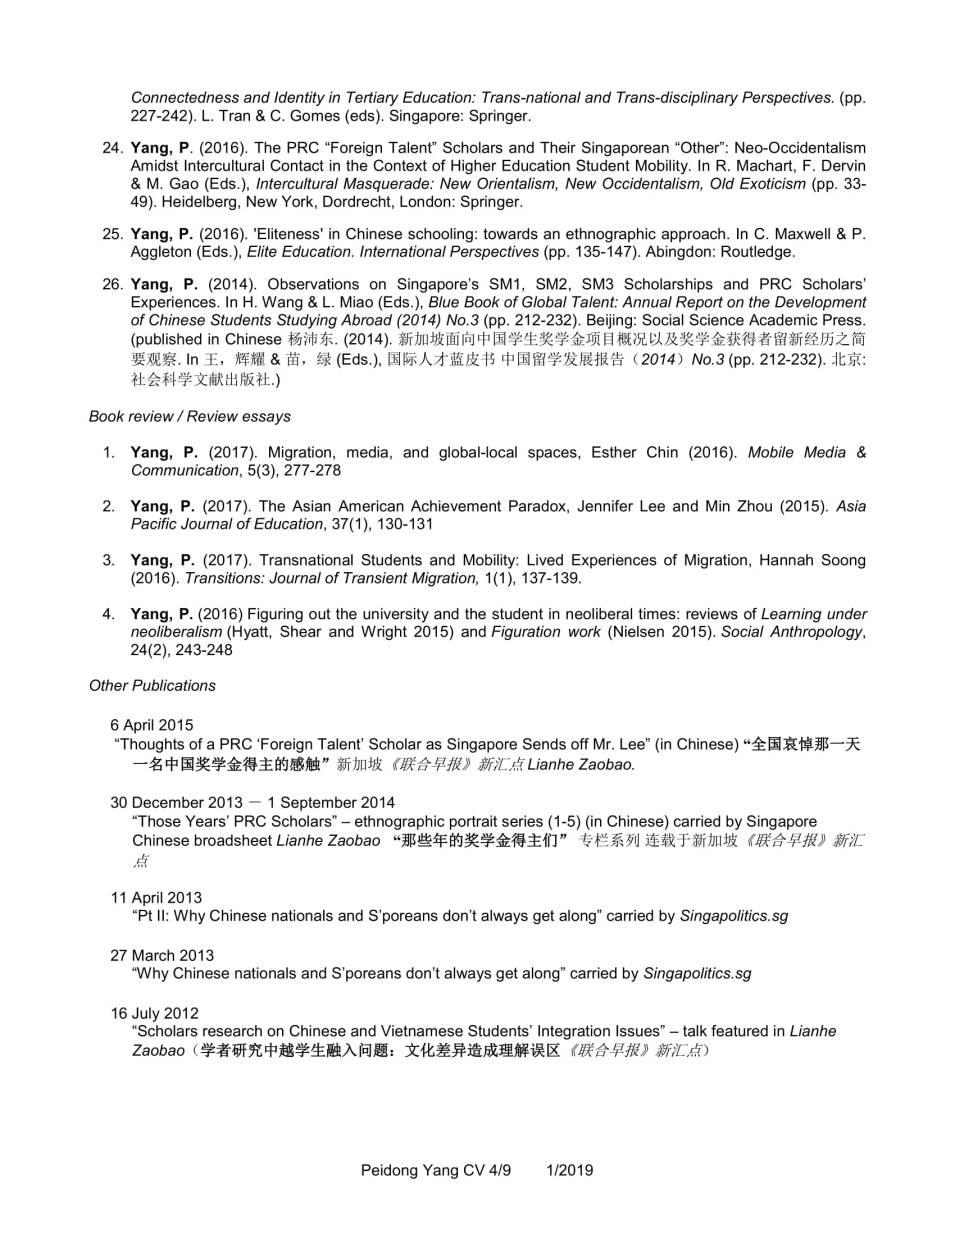 CV YANG Peidong_1.2019-4